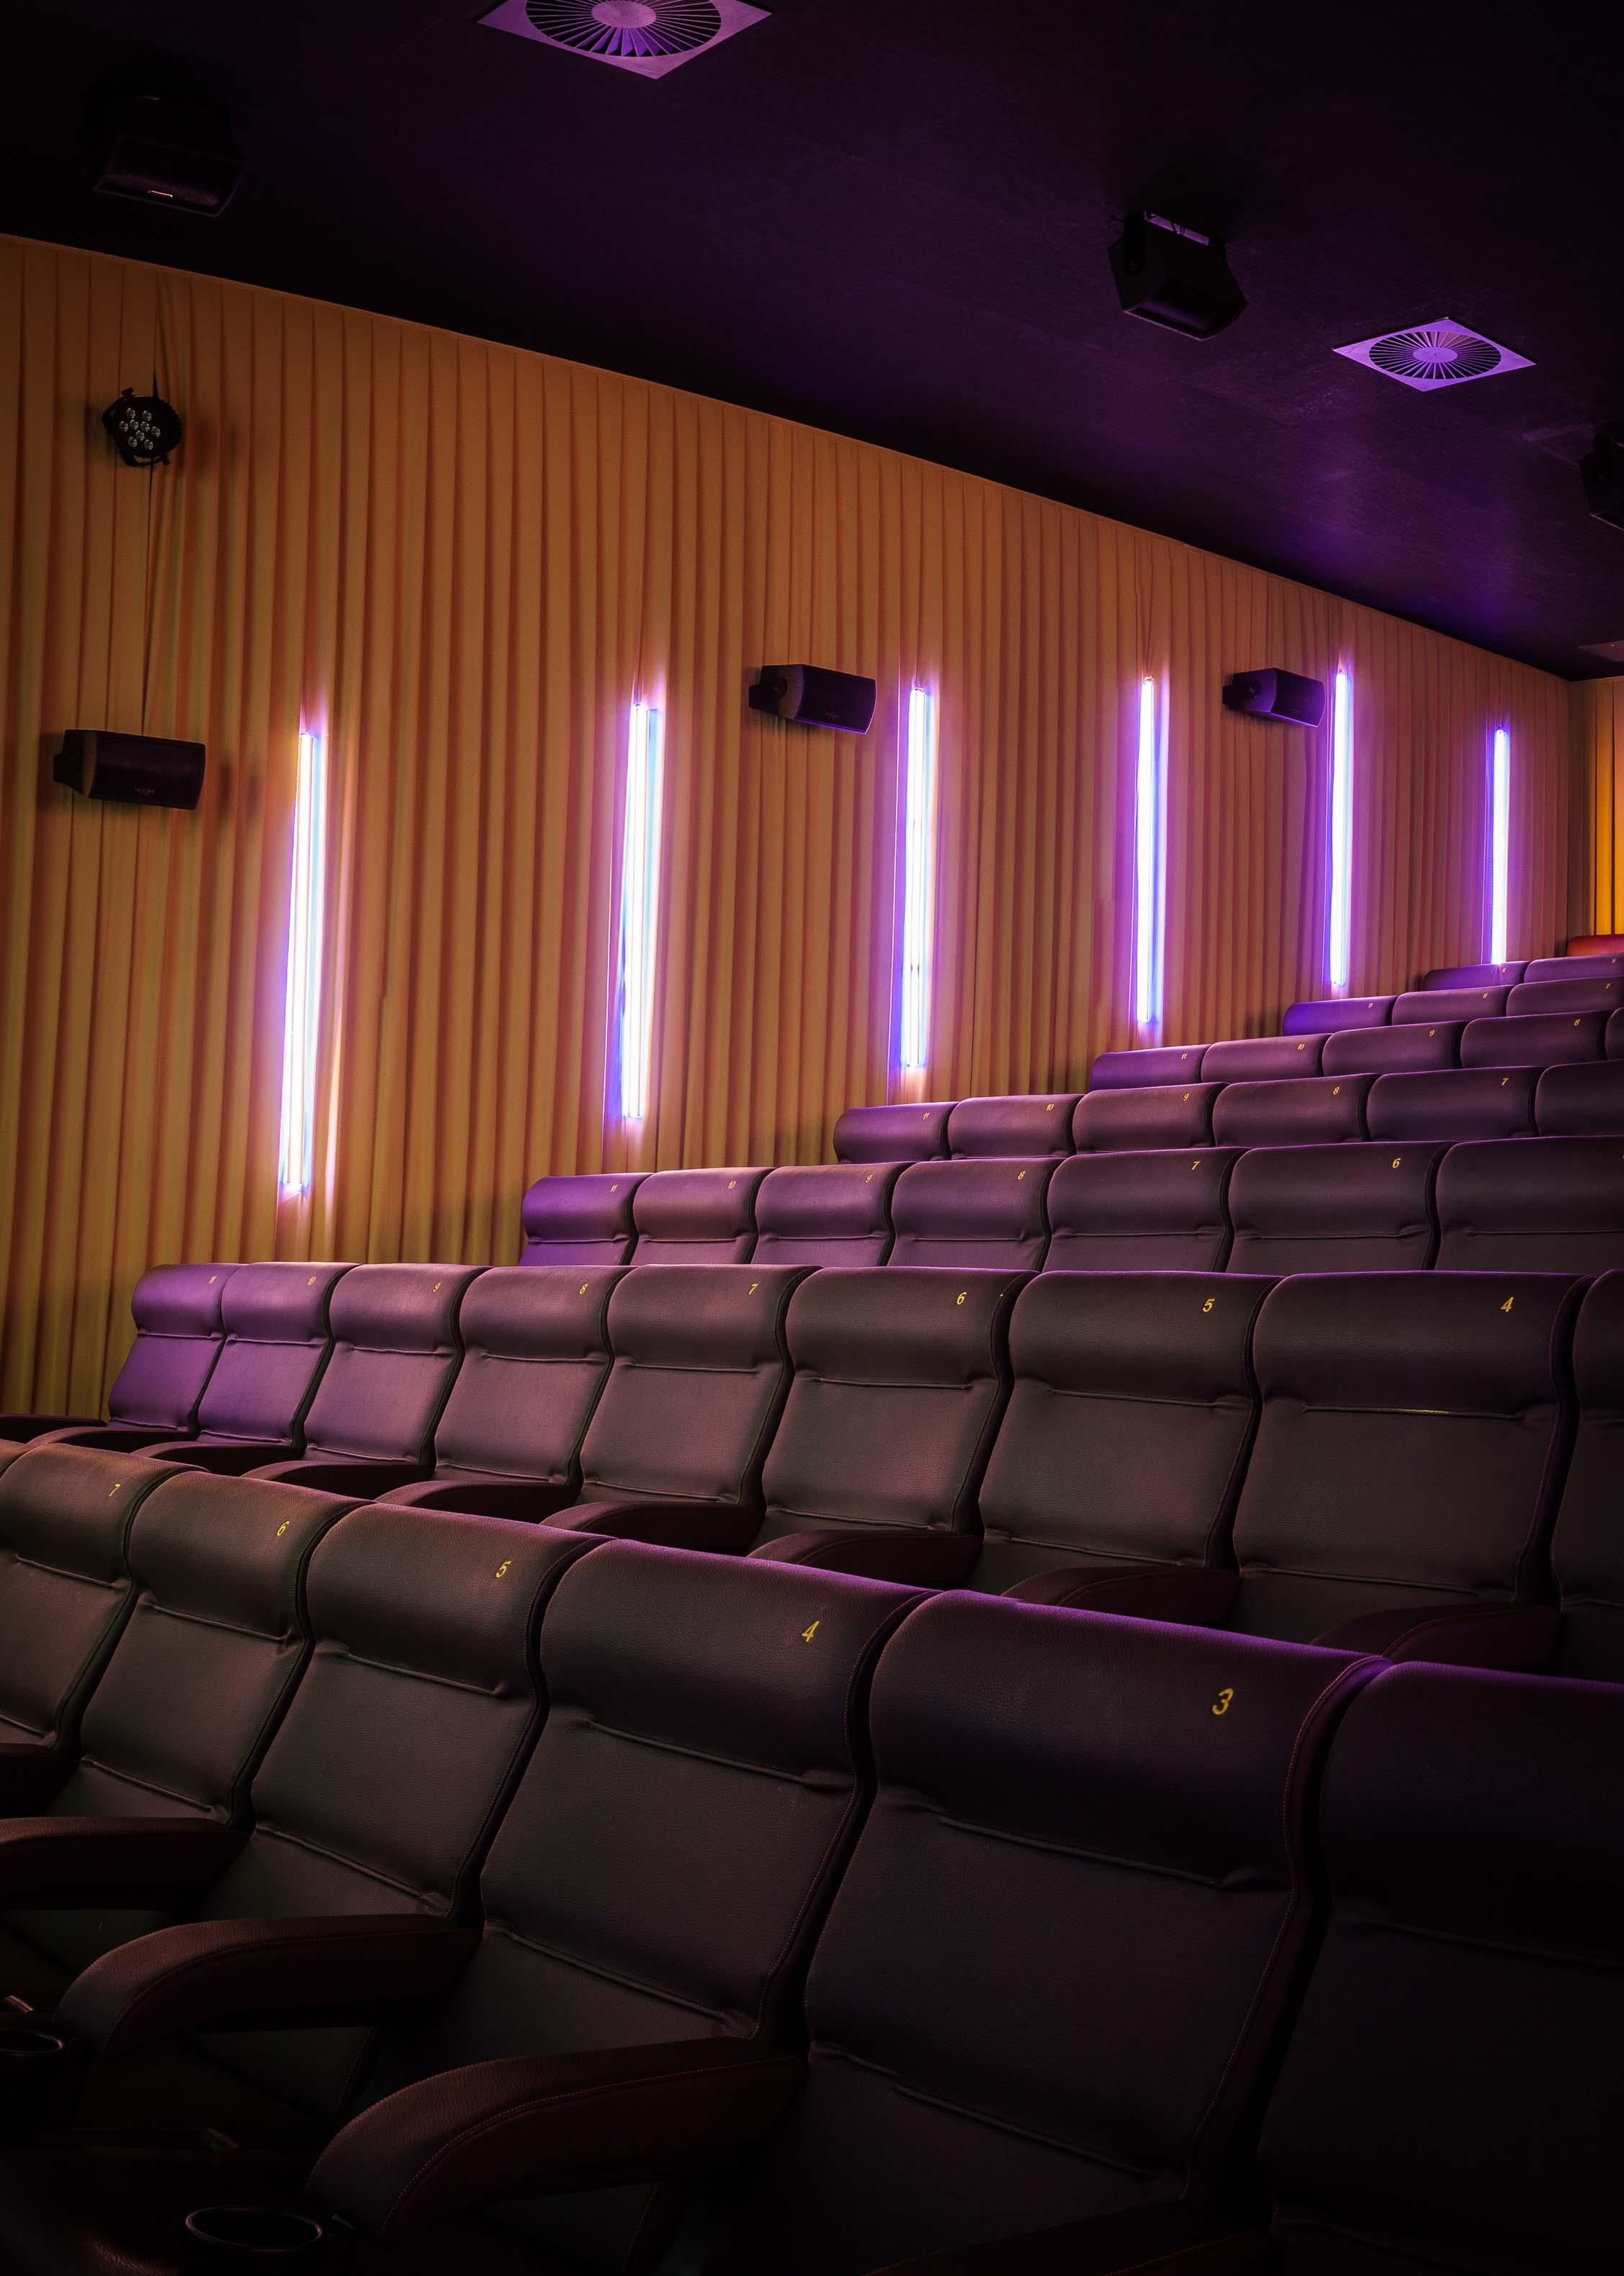 Weinheim Kino Modernes Theater Programm